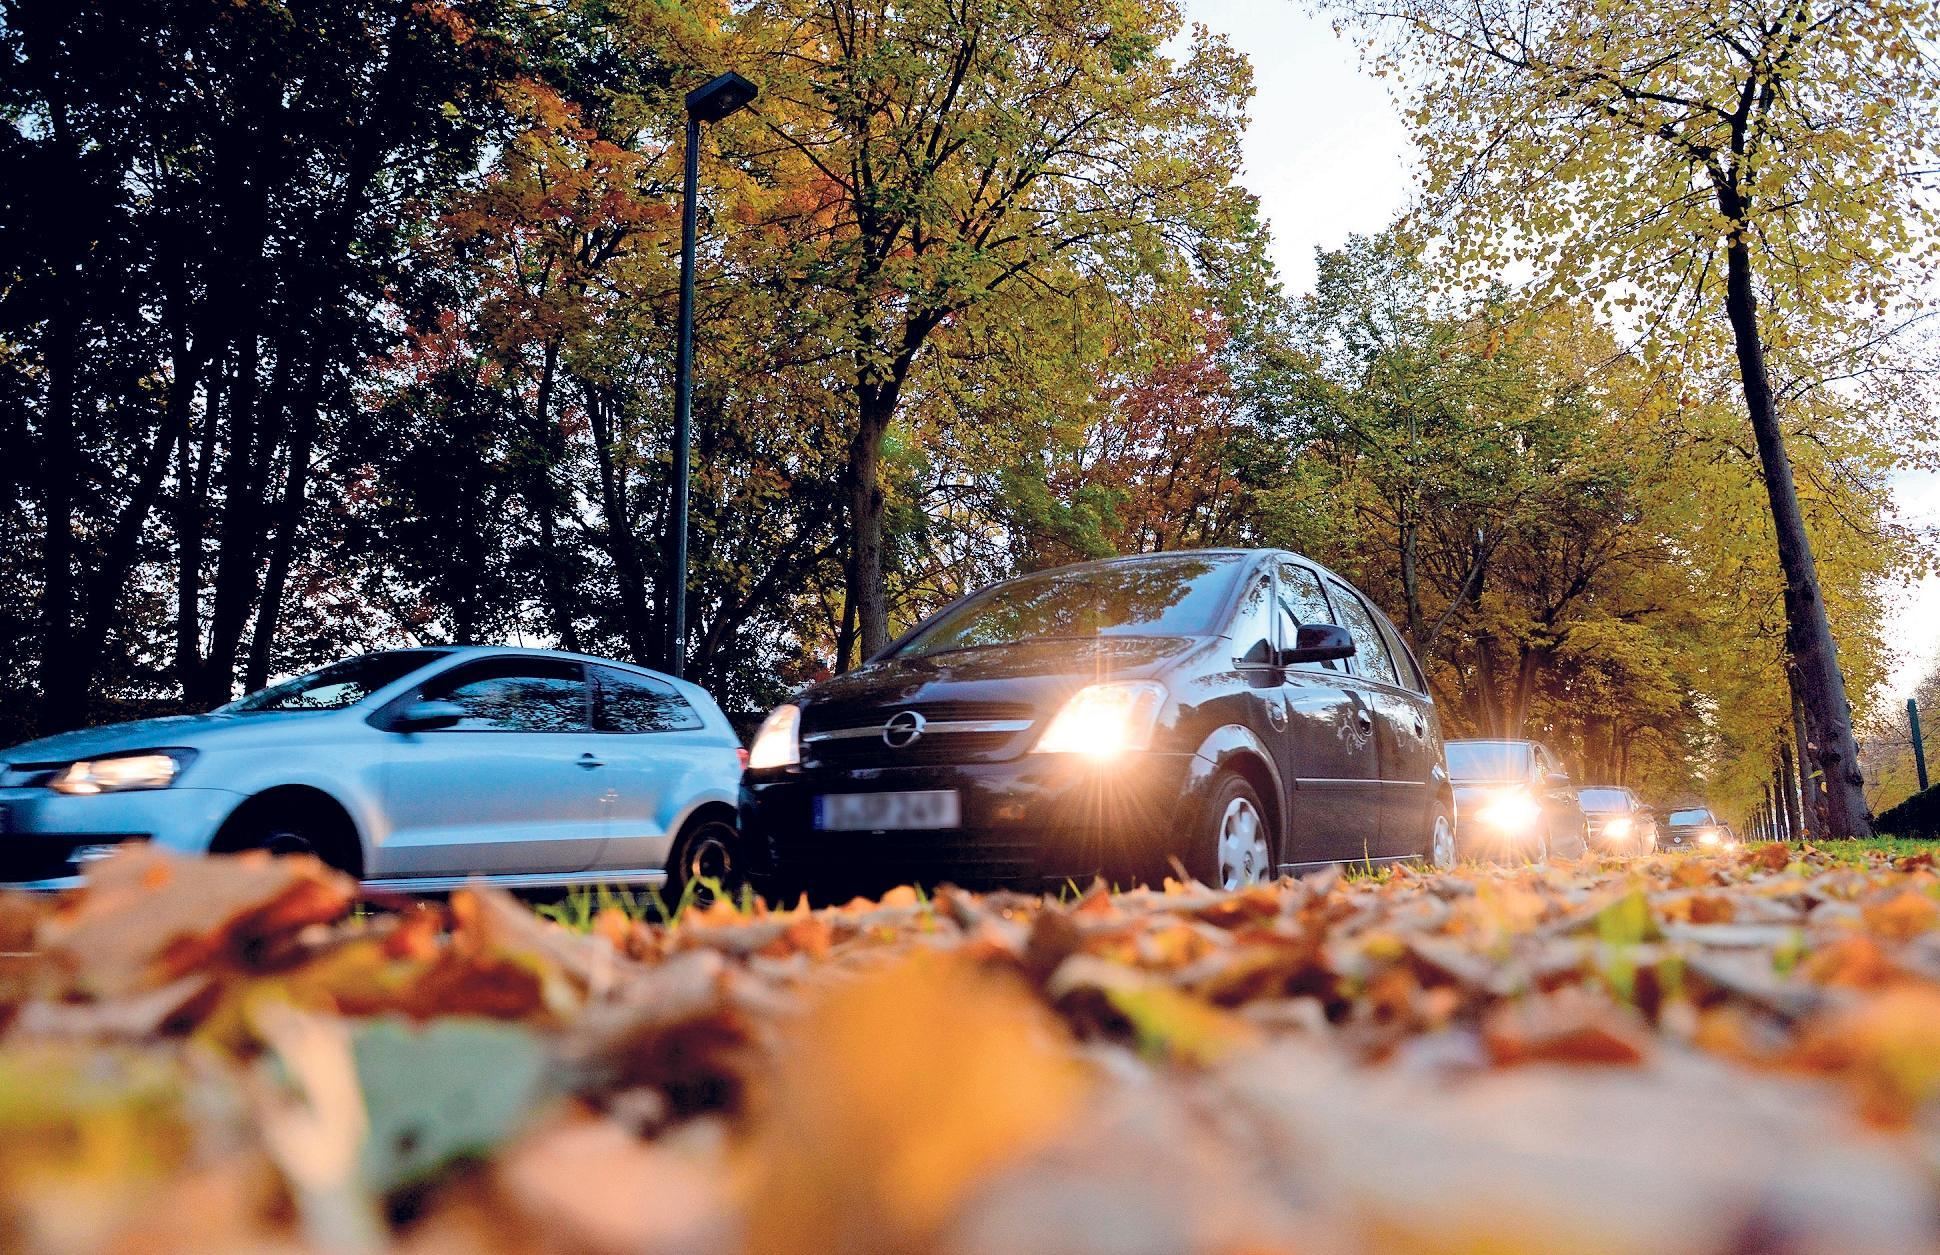 Die Tage werden kürzer – jetzt ist es besonders wichtig, dass die Beleuchtung am Auto funktioniert. Foto: Judith Michaelis/dpa-tmn